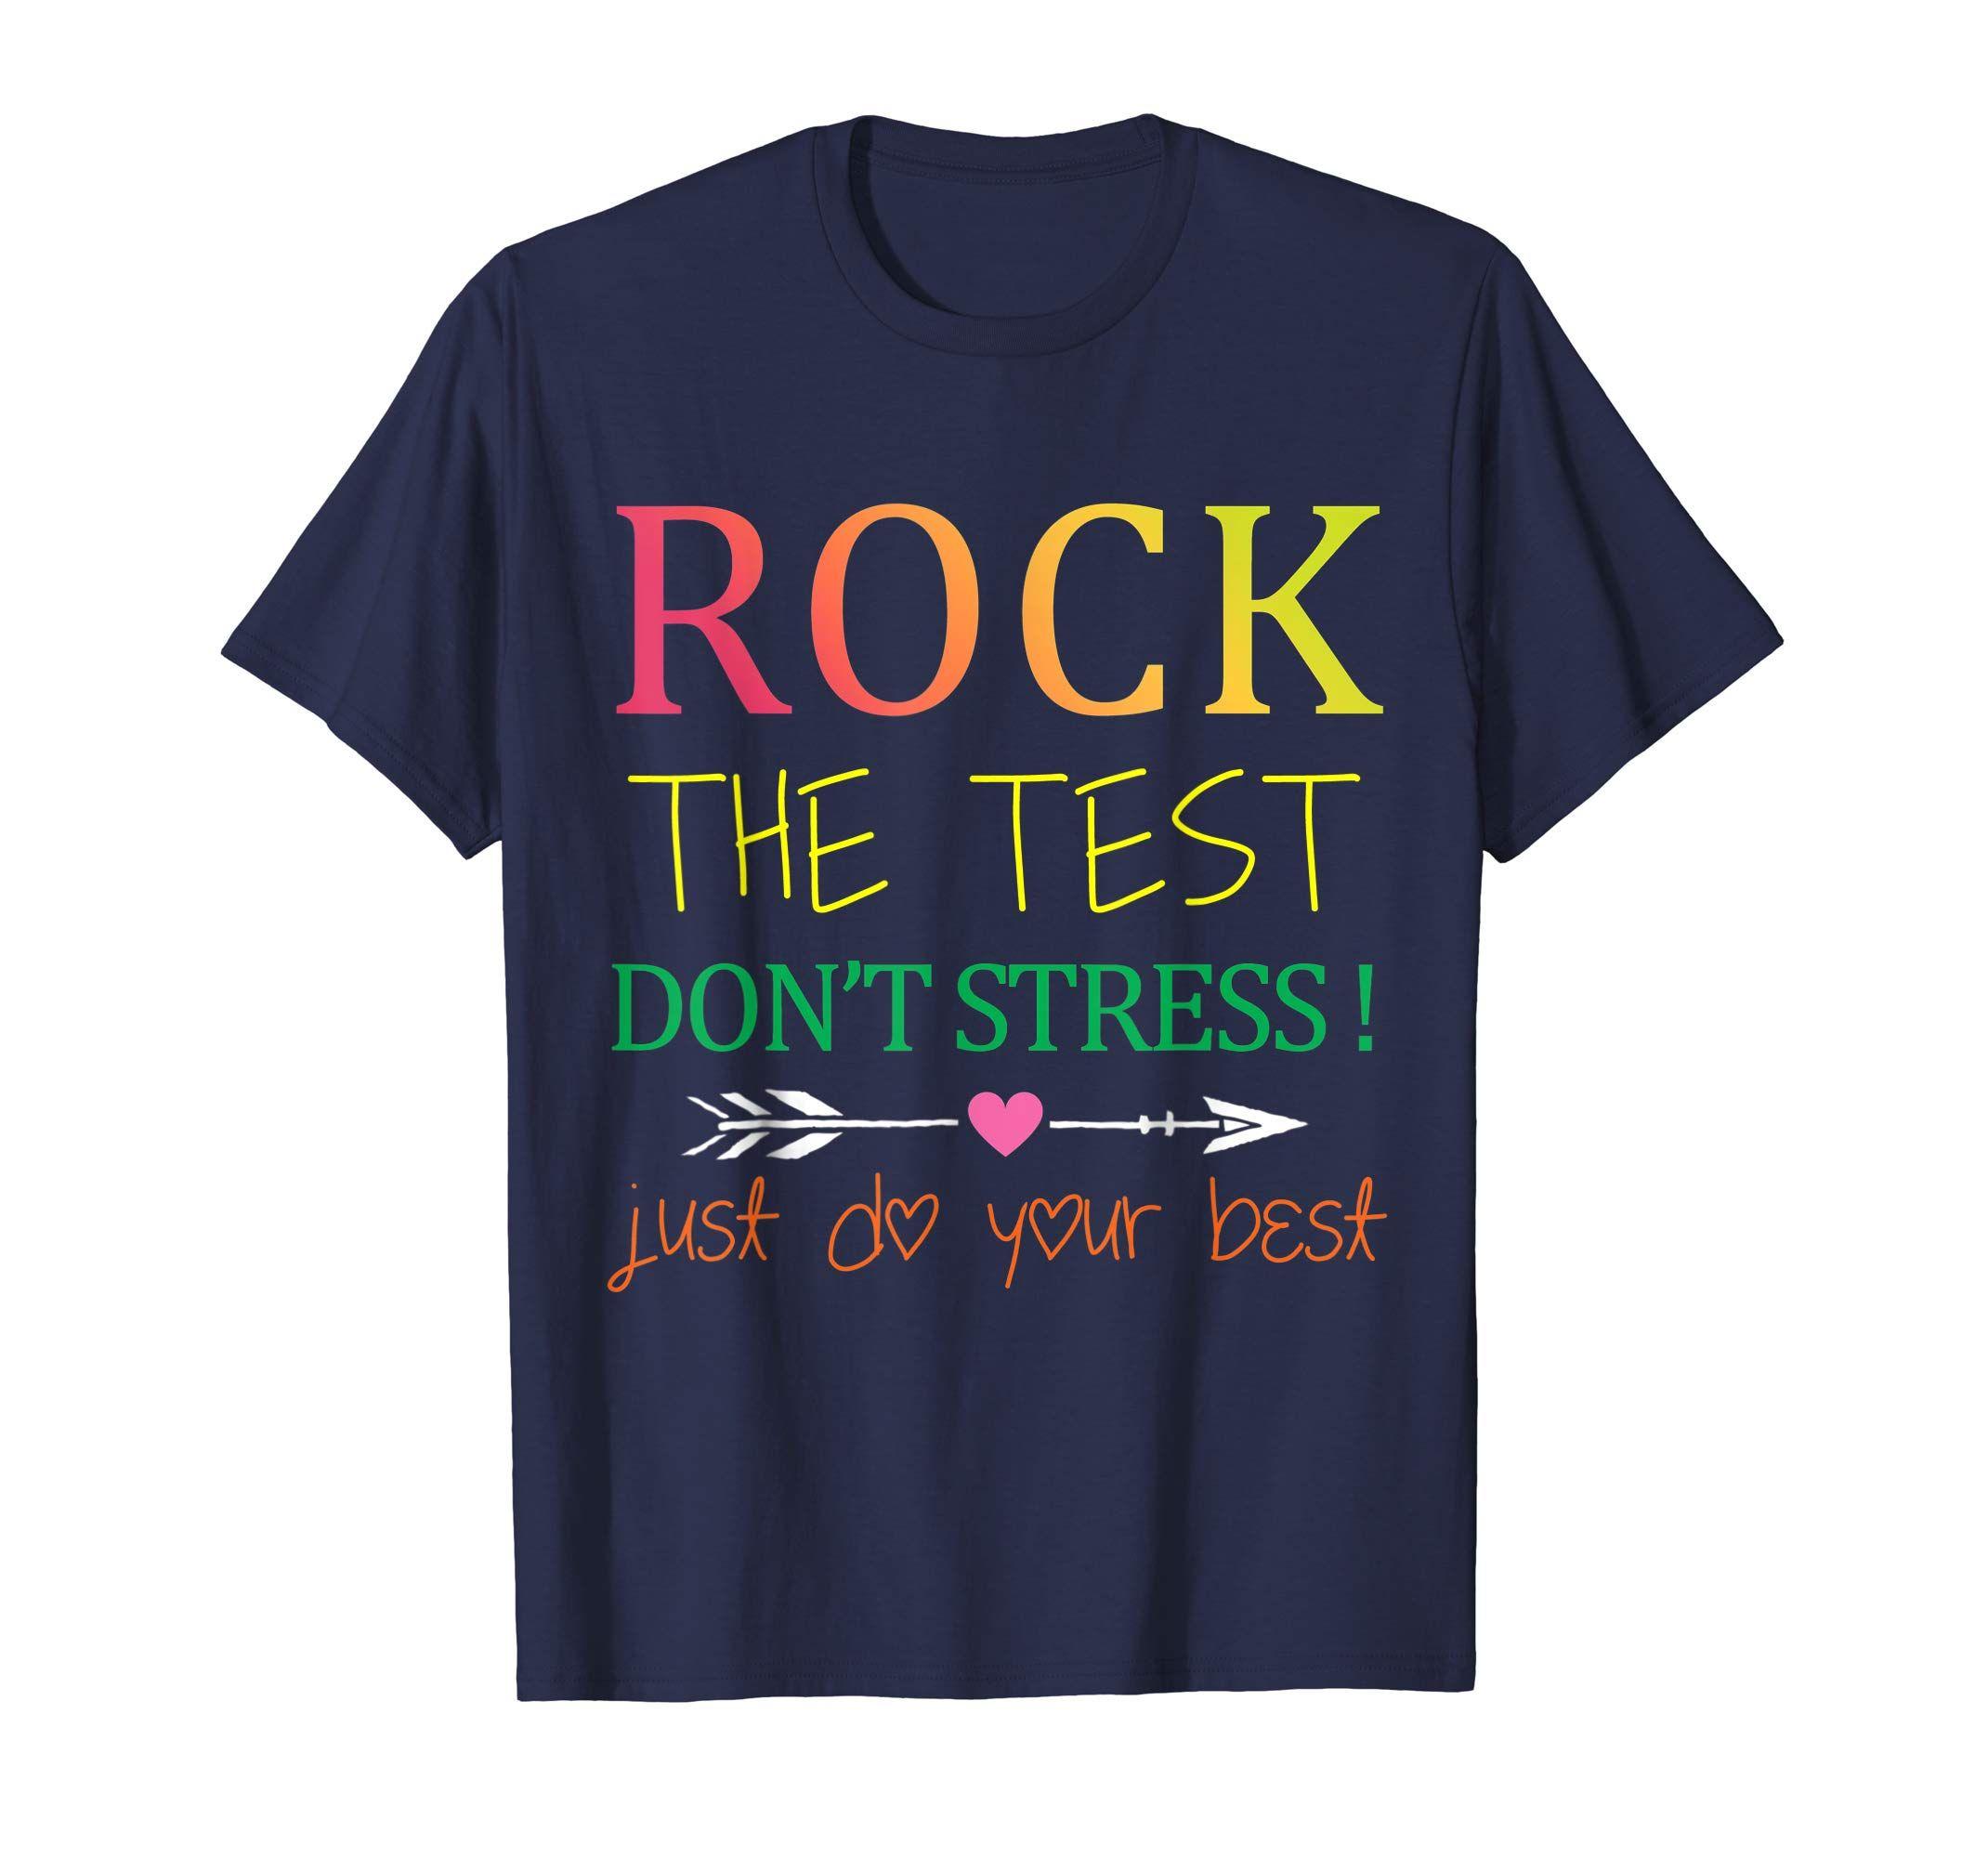 Rock The Test T-Shirt Funny School Professor Teacher Joke-Yolotee